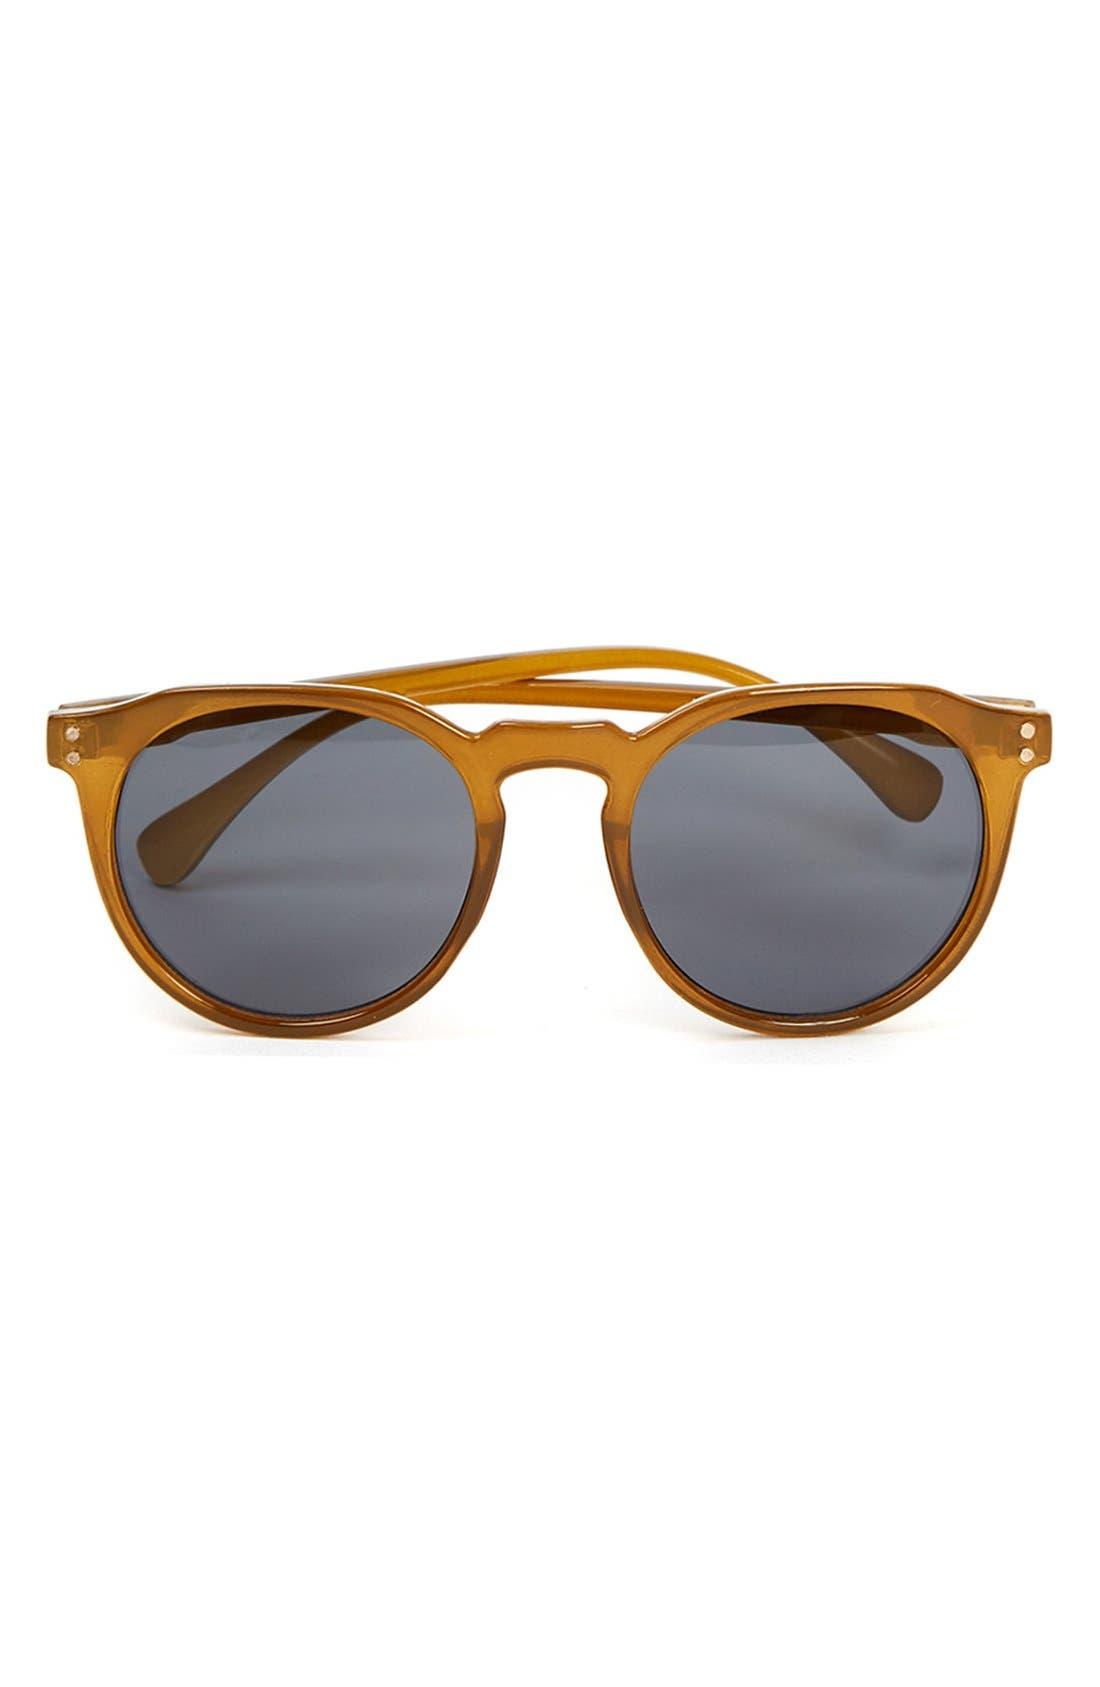 Main Image - Topman 50mm Round Sunglasses